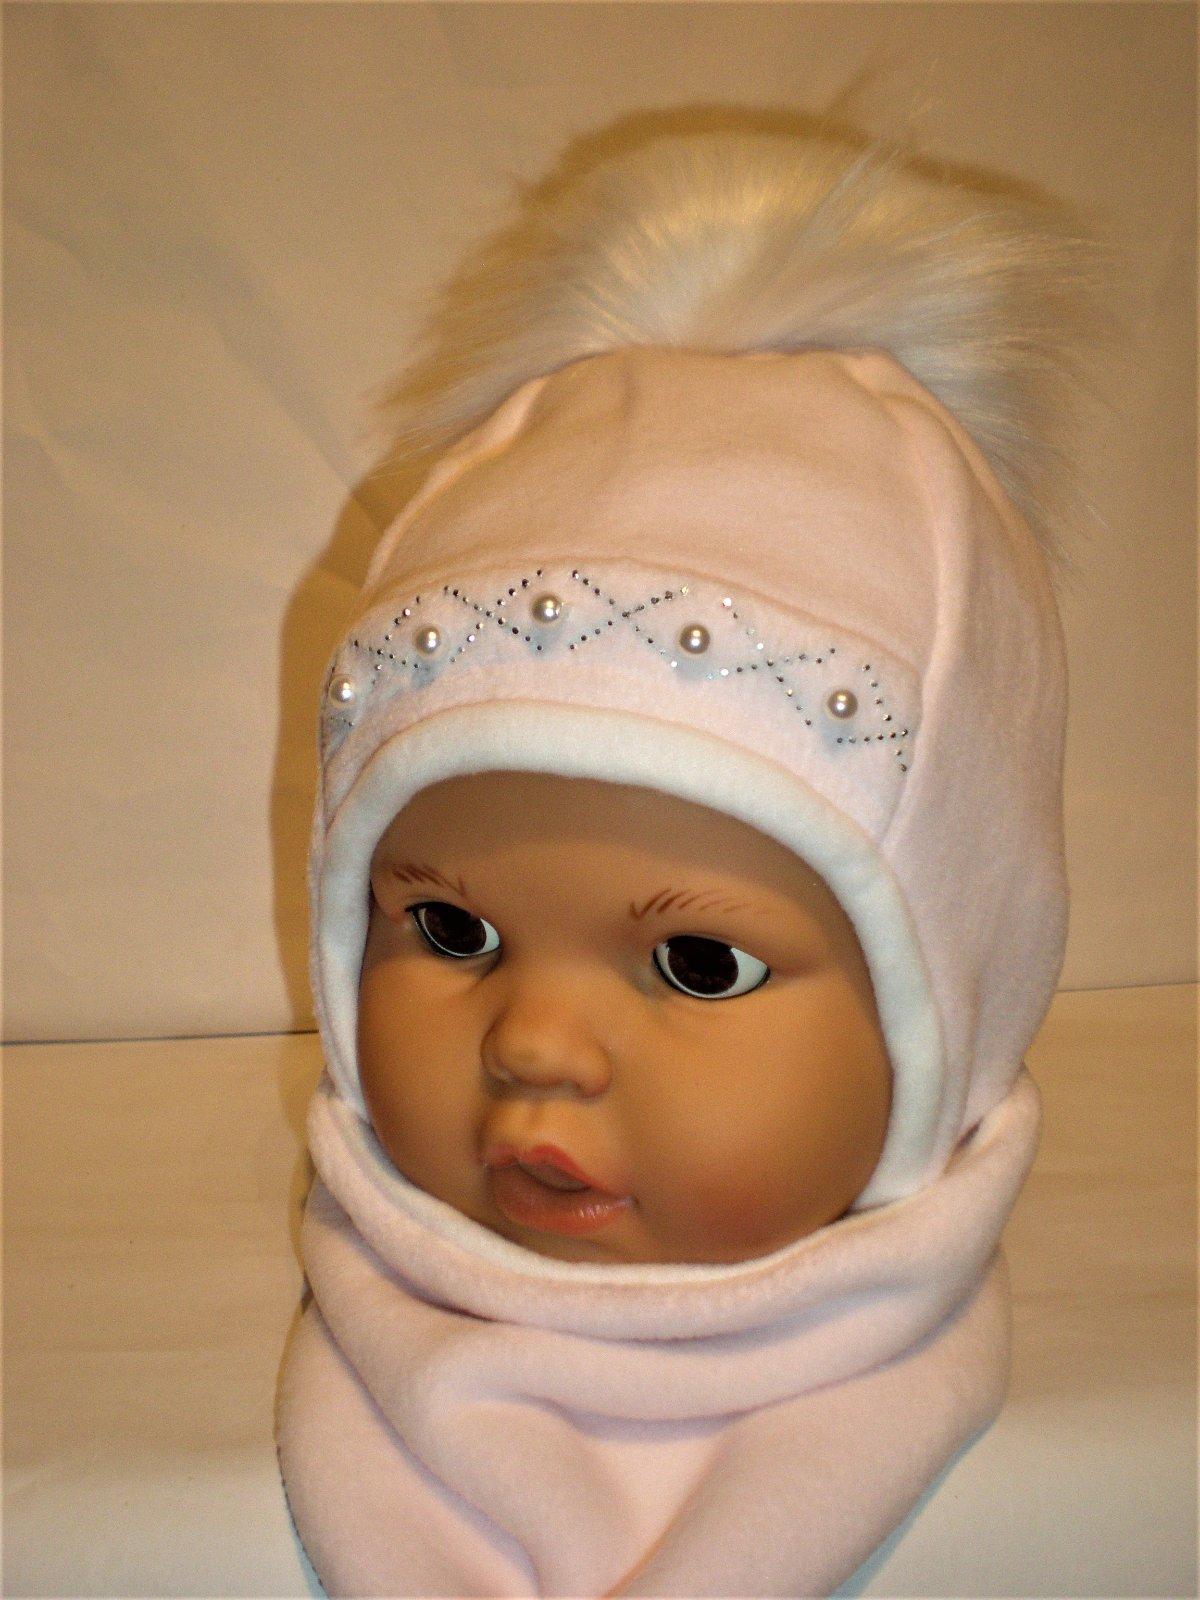 d5c3fb1cd Zimná čiapka s nákrčníkom pre bábätko, 74 / 80 - 10 € od predávajúcej  topciapocky | Detský bazár | ModryKonik.sk